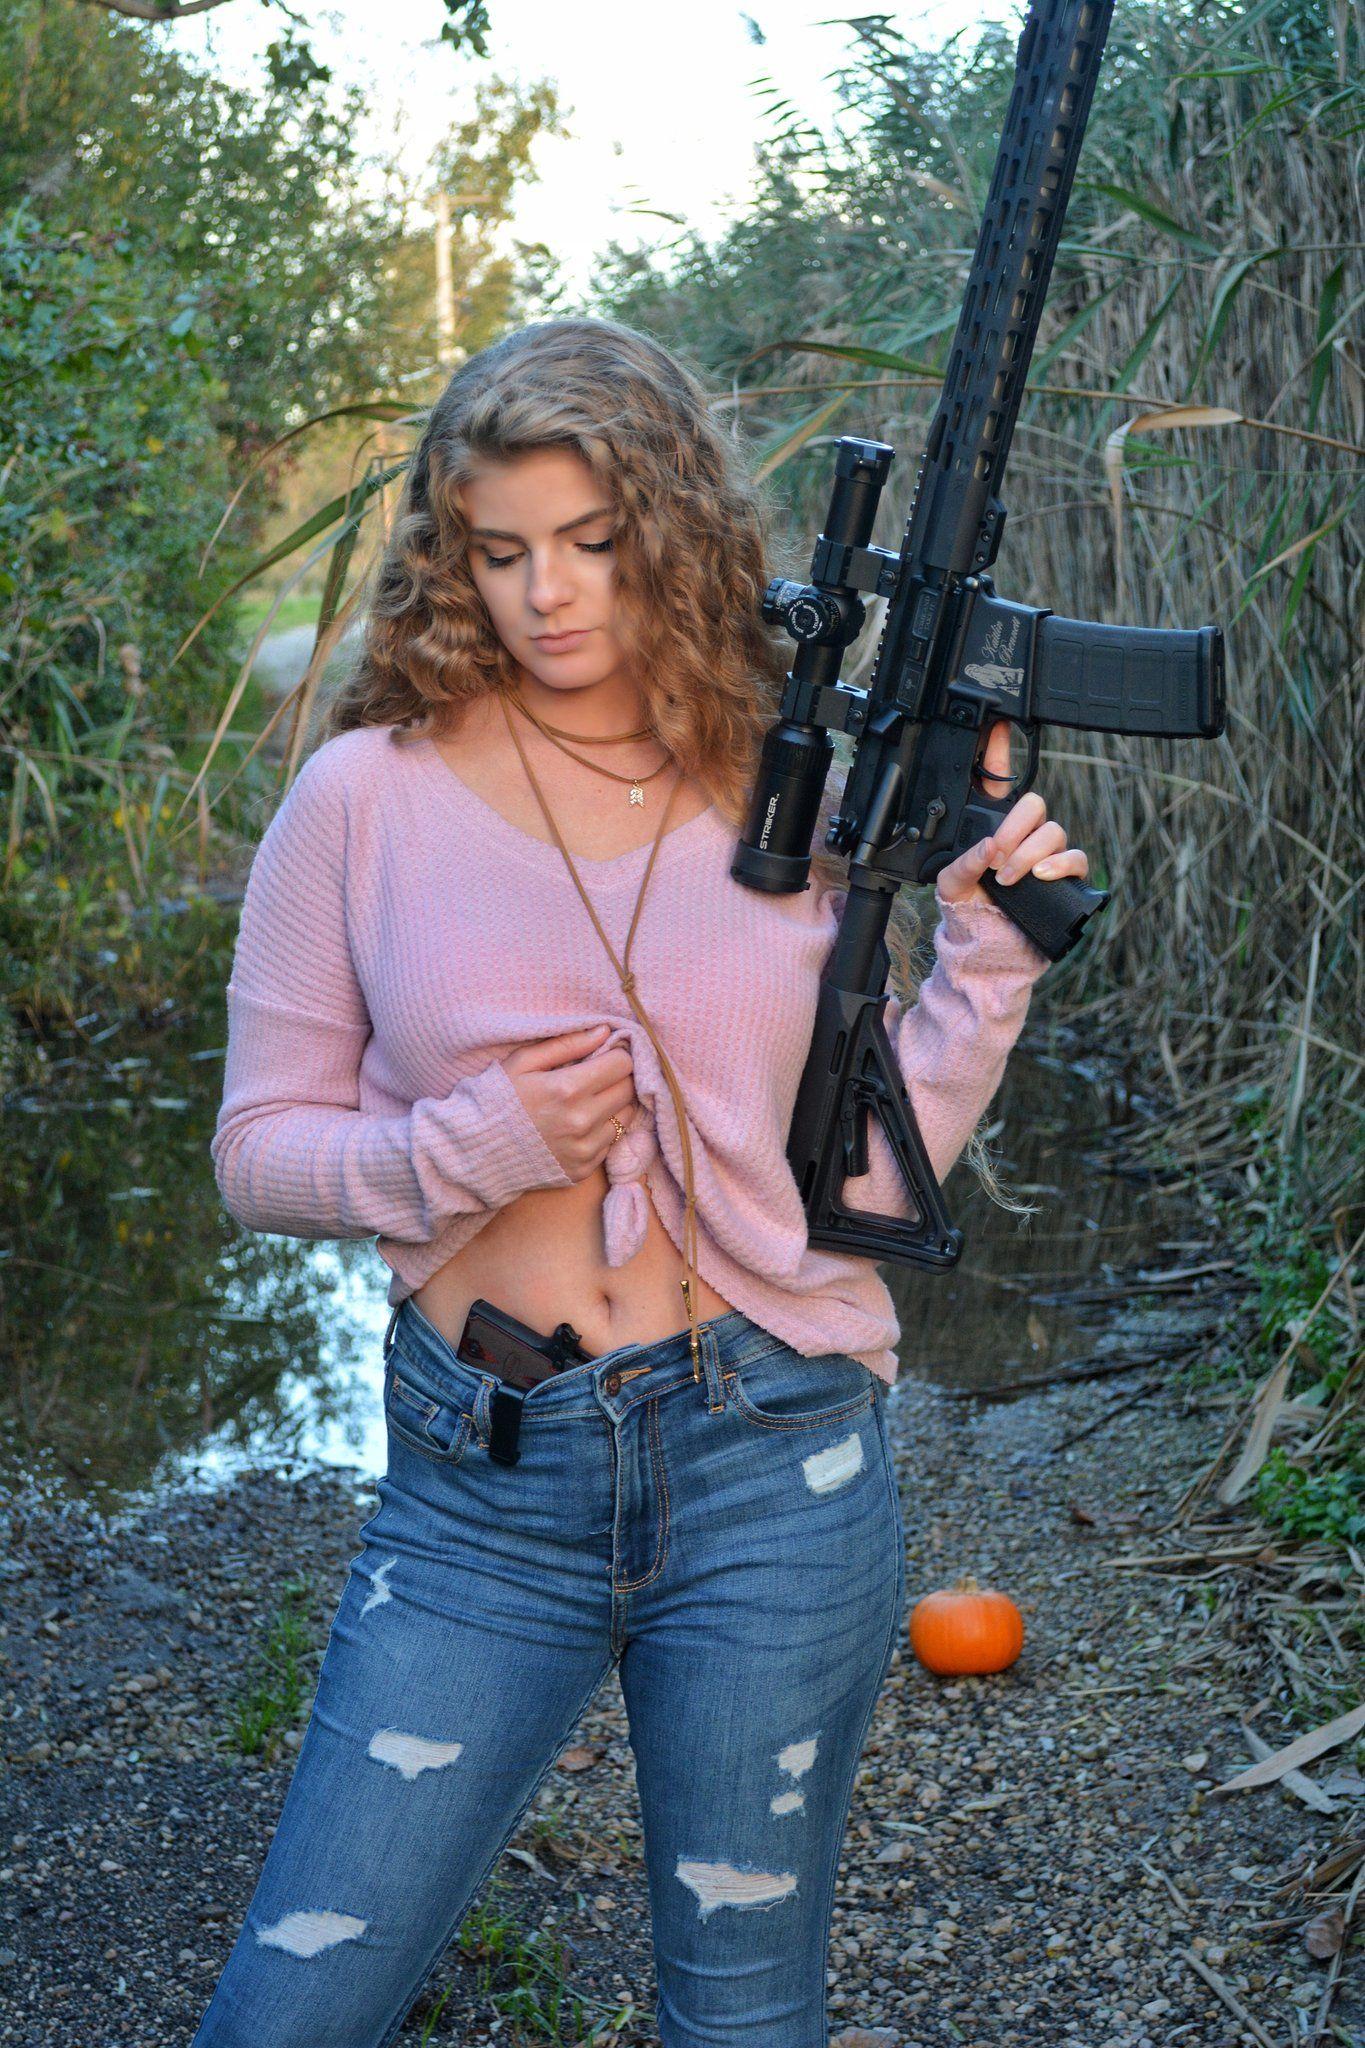 Kaitlin Bennett on   Girl guns, Women, Feminism